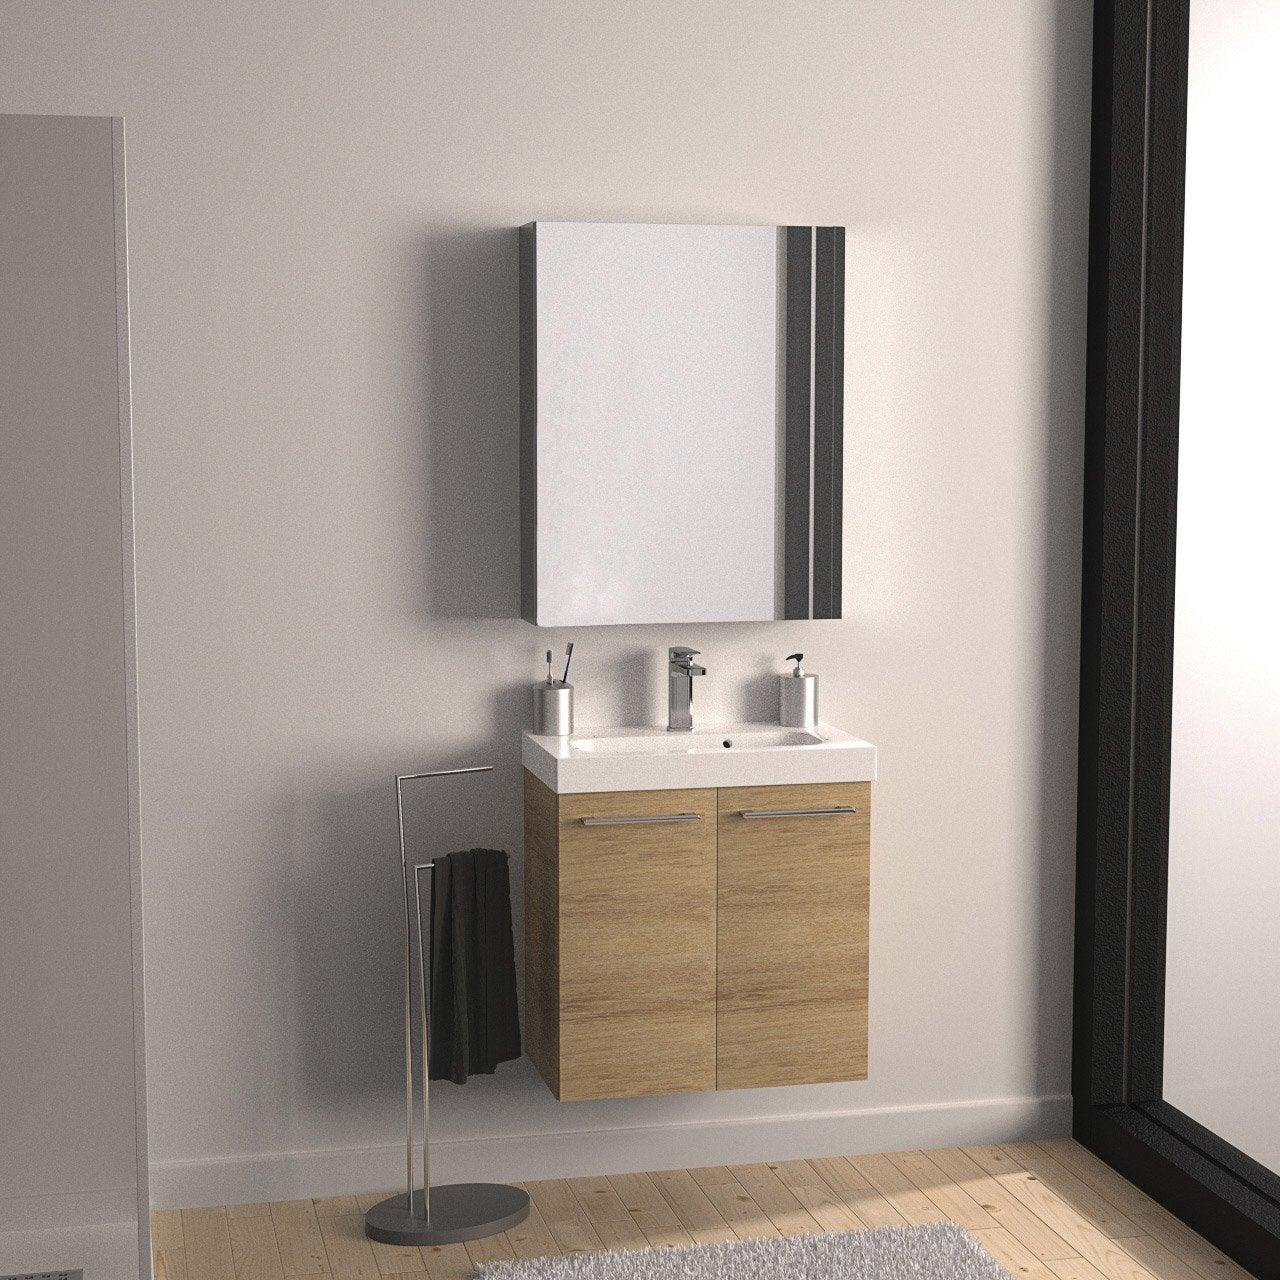 Pose de meuble de salle de bains pr mont largeur max 90 - Panneau acrylique salle de bain pas cher ...